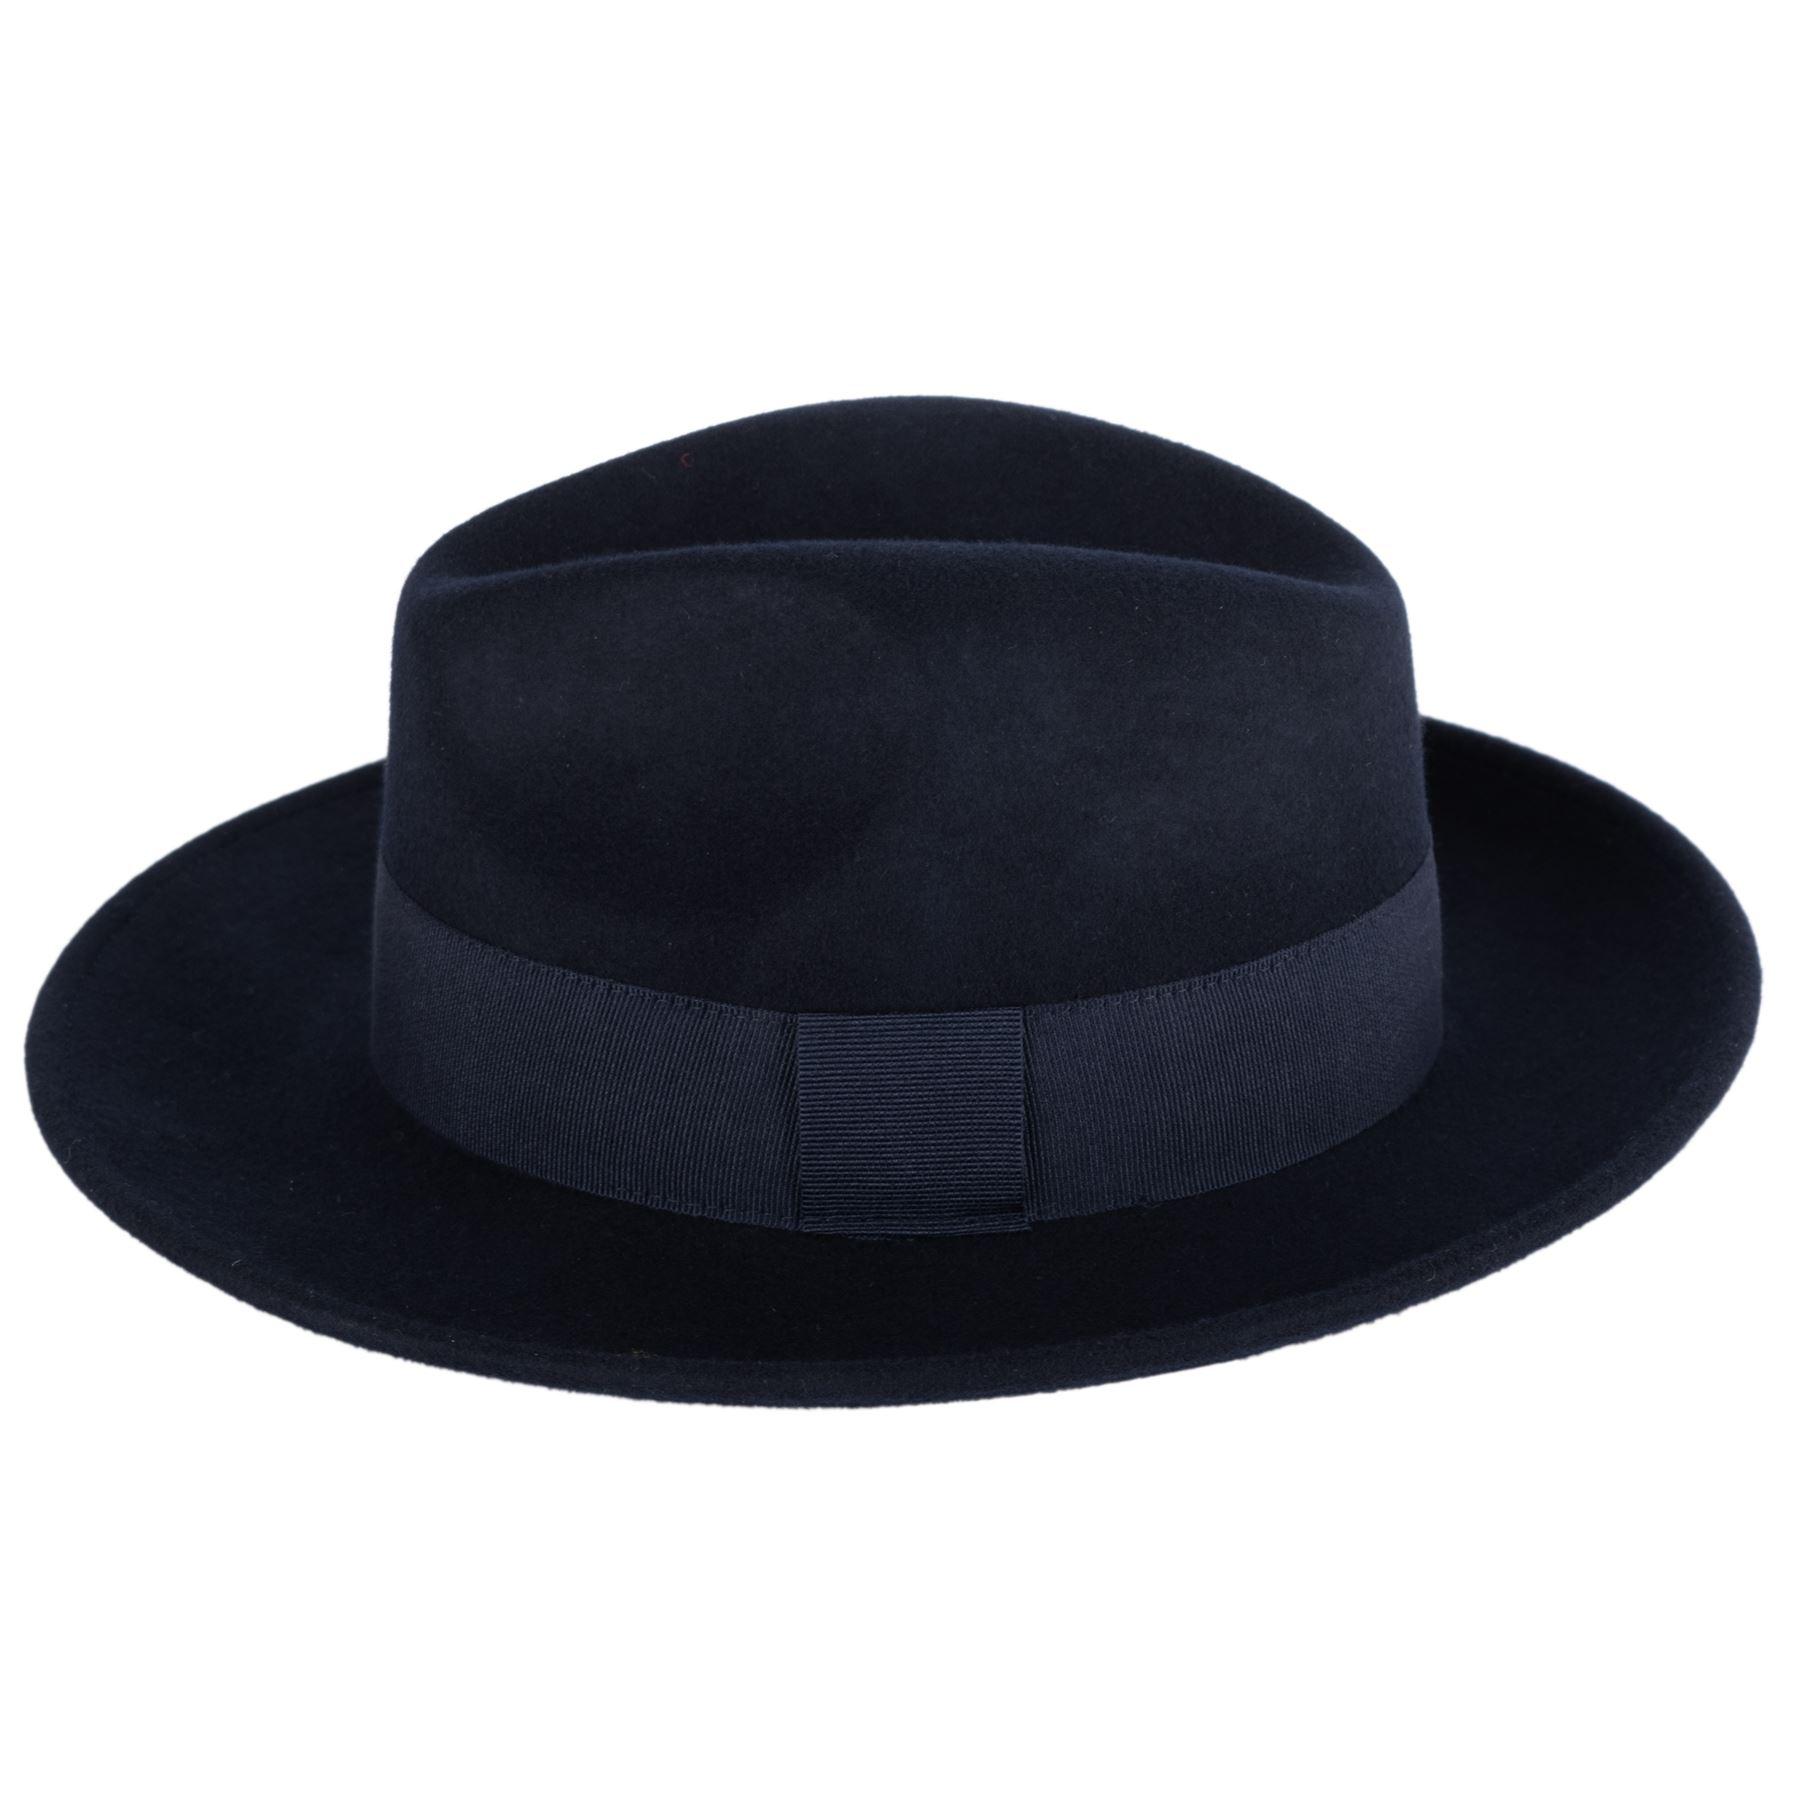 6dee053fe Elegant 100% Wool Fedora Hat Waterproof & Crushable Handmade in Italy